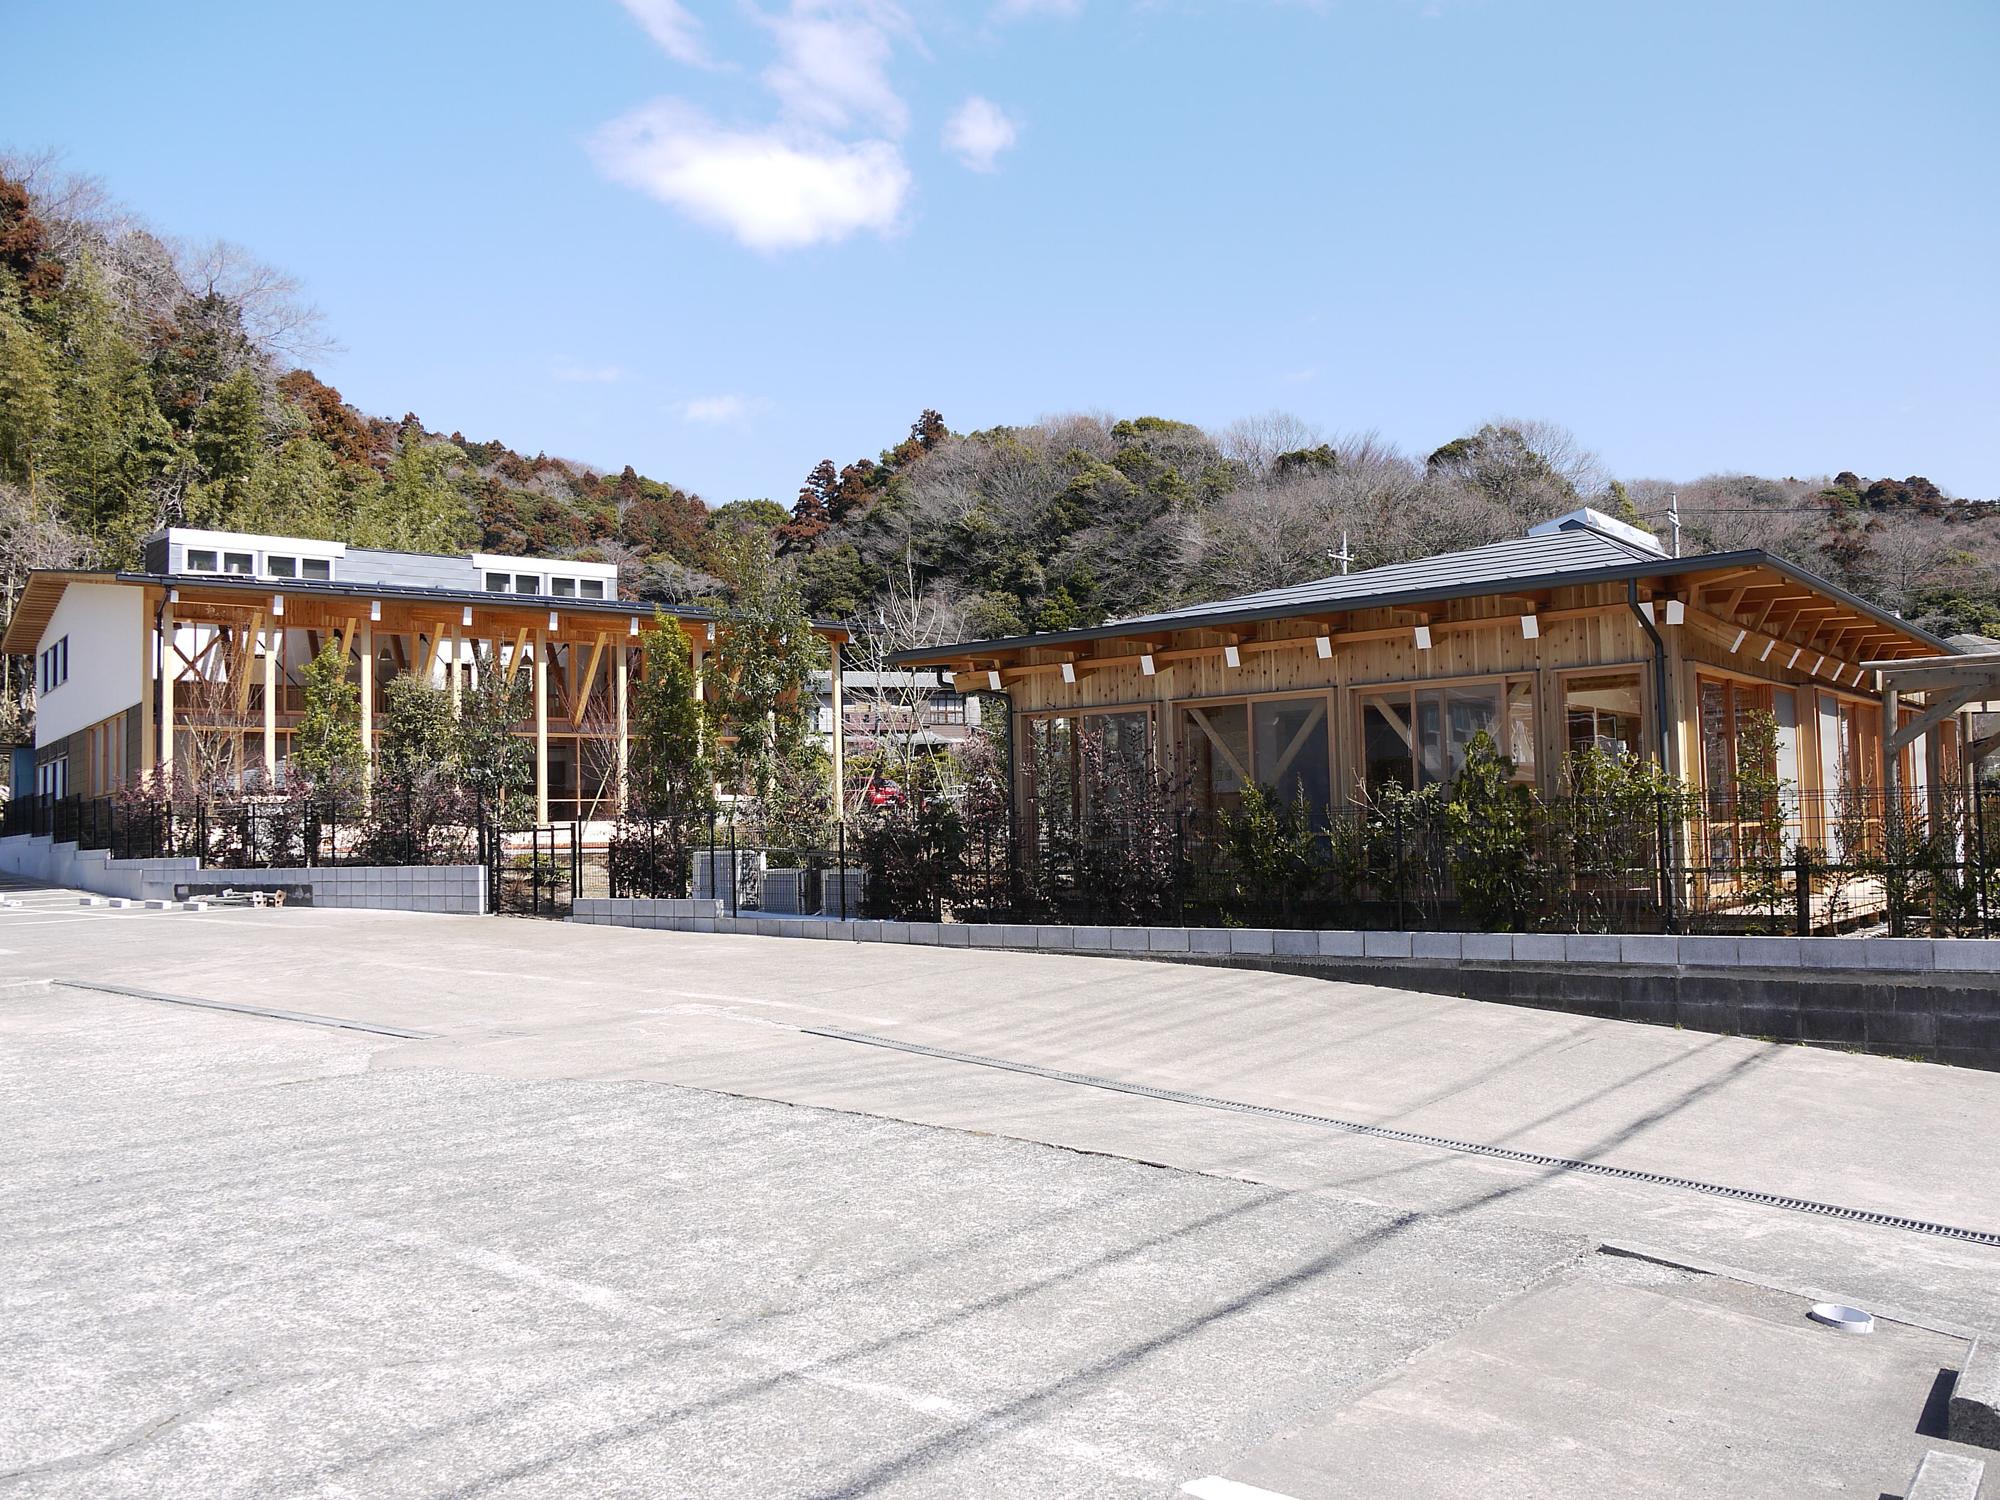 中庭をはさんで左が2階建ての幼児棟、右が平屋の乳児棟。